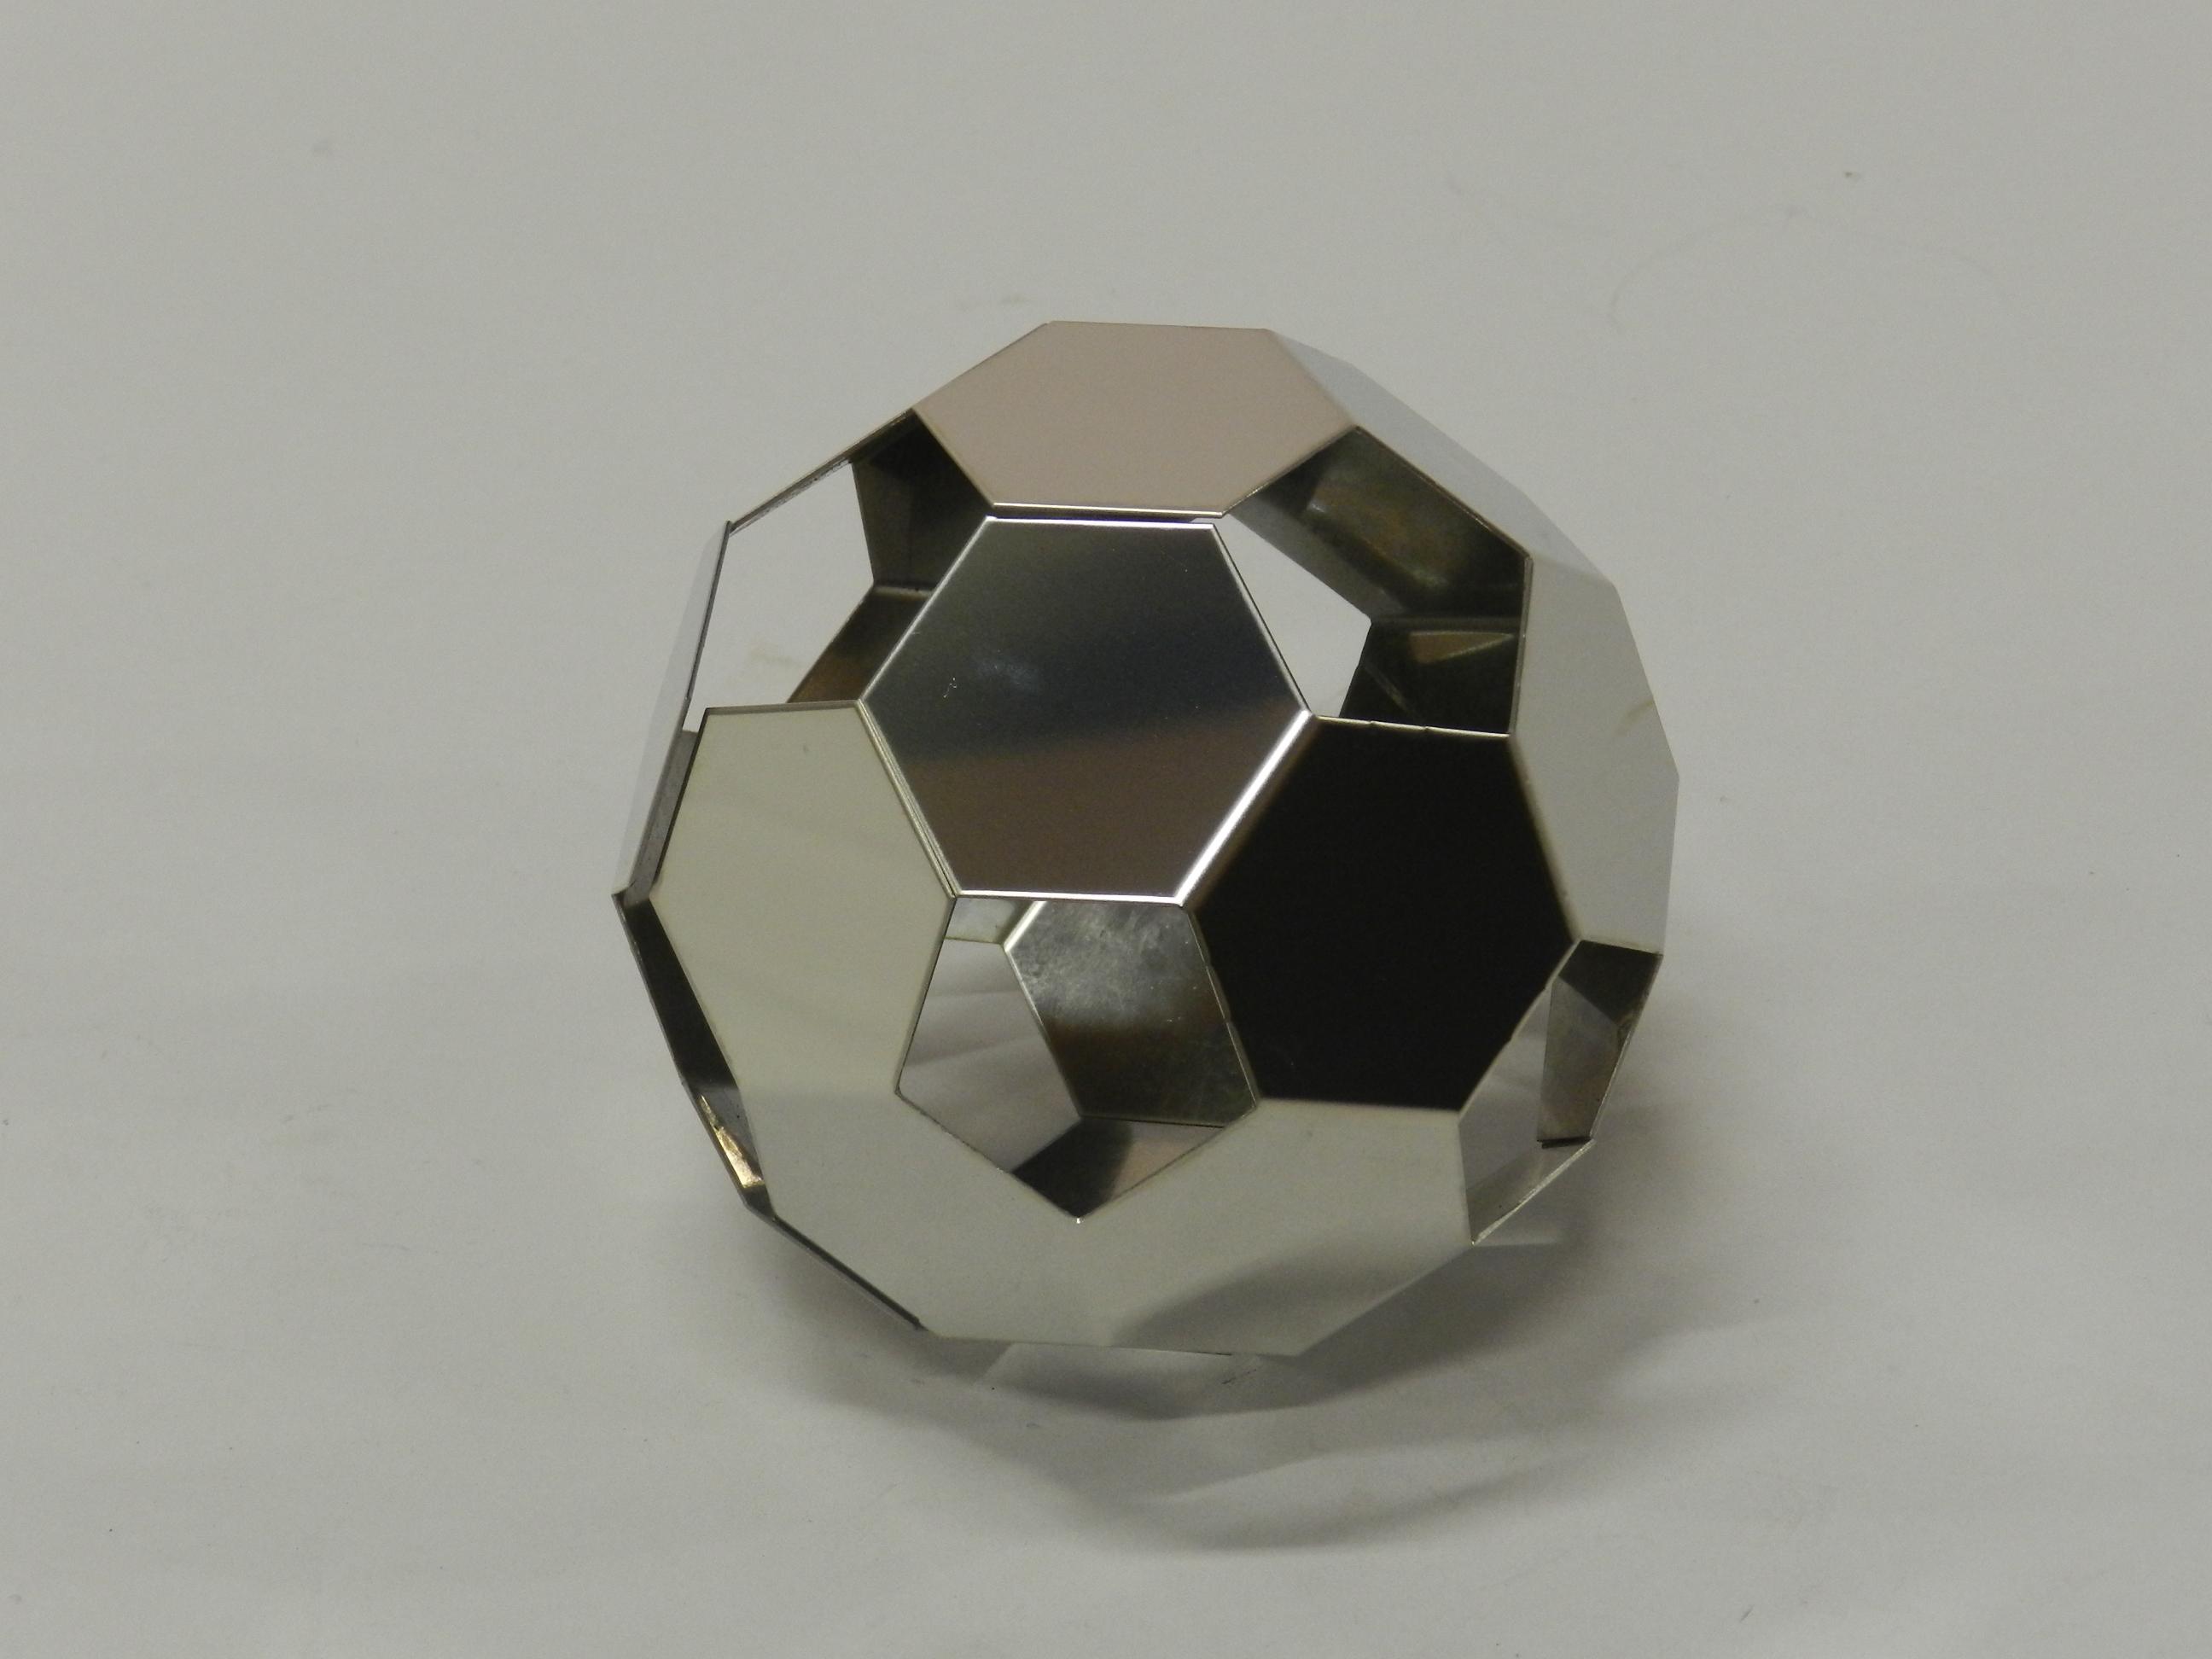 スチール製サッカーボール